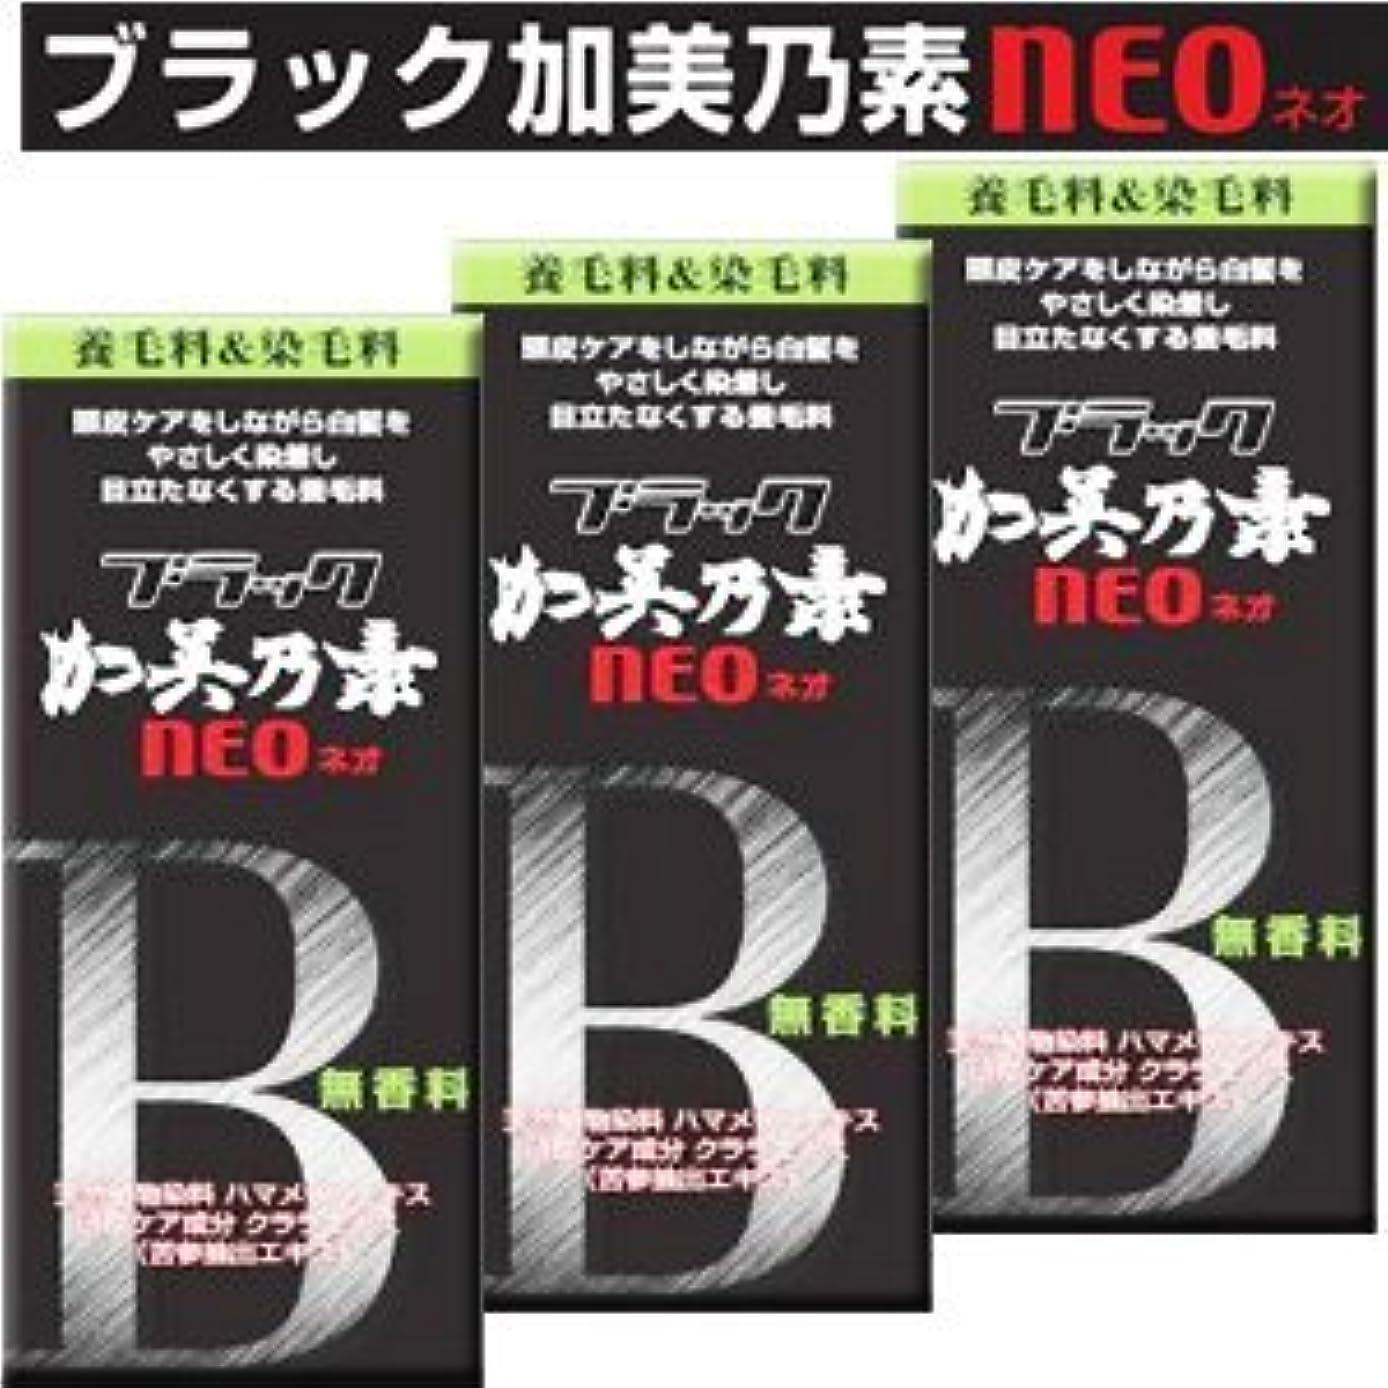 輸送変形する地元【3個】 ブラック加美乃素NEO 無香料 150mlx3個 (4987046370105)